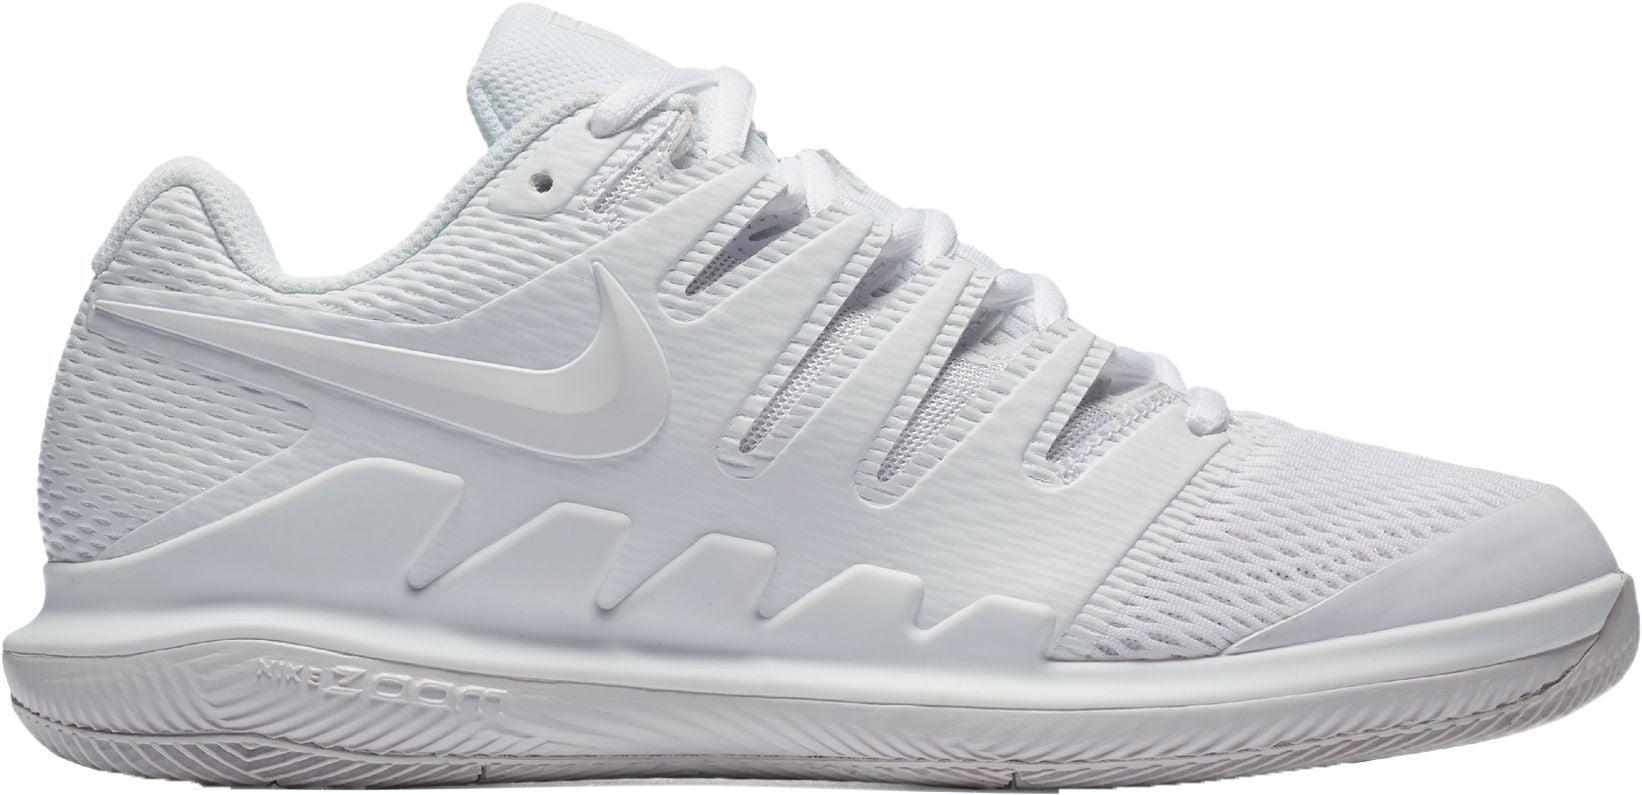 Air Zoom Vapor X Tennis Shoes, White